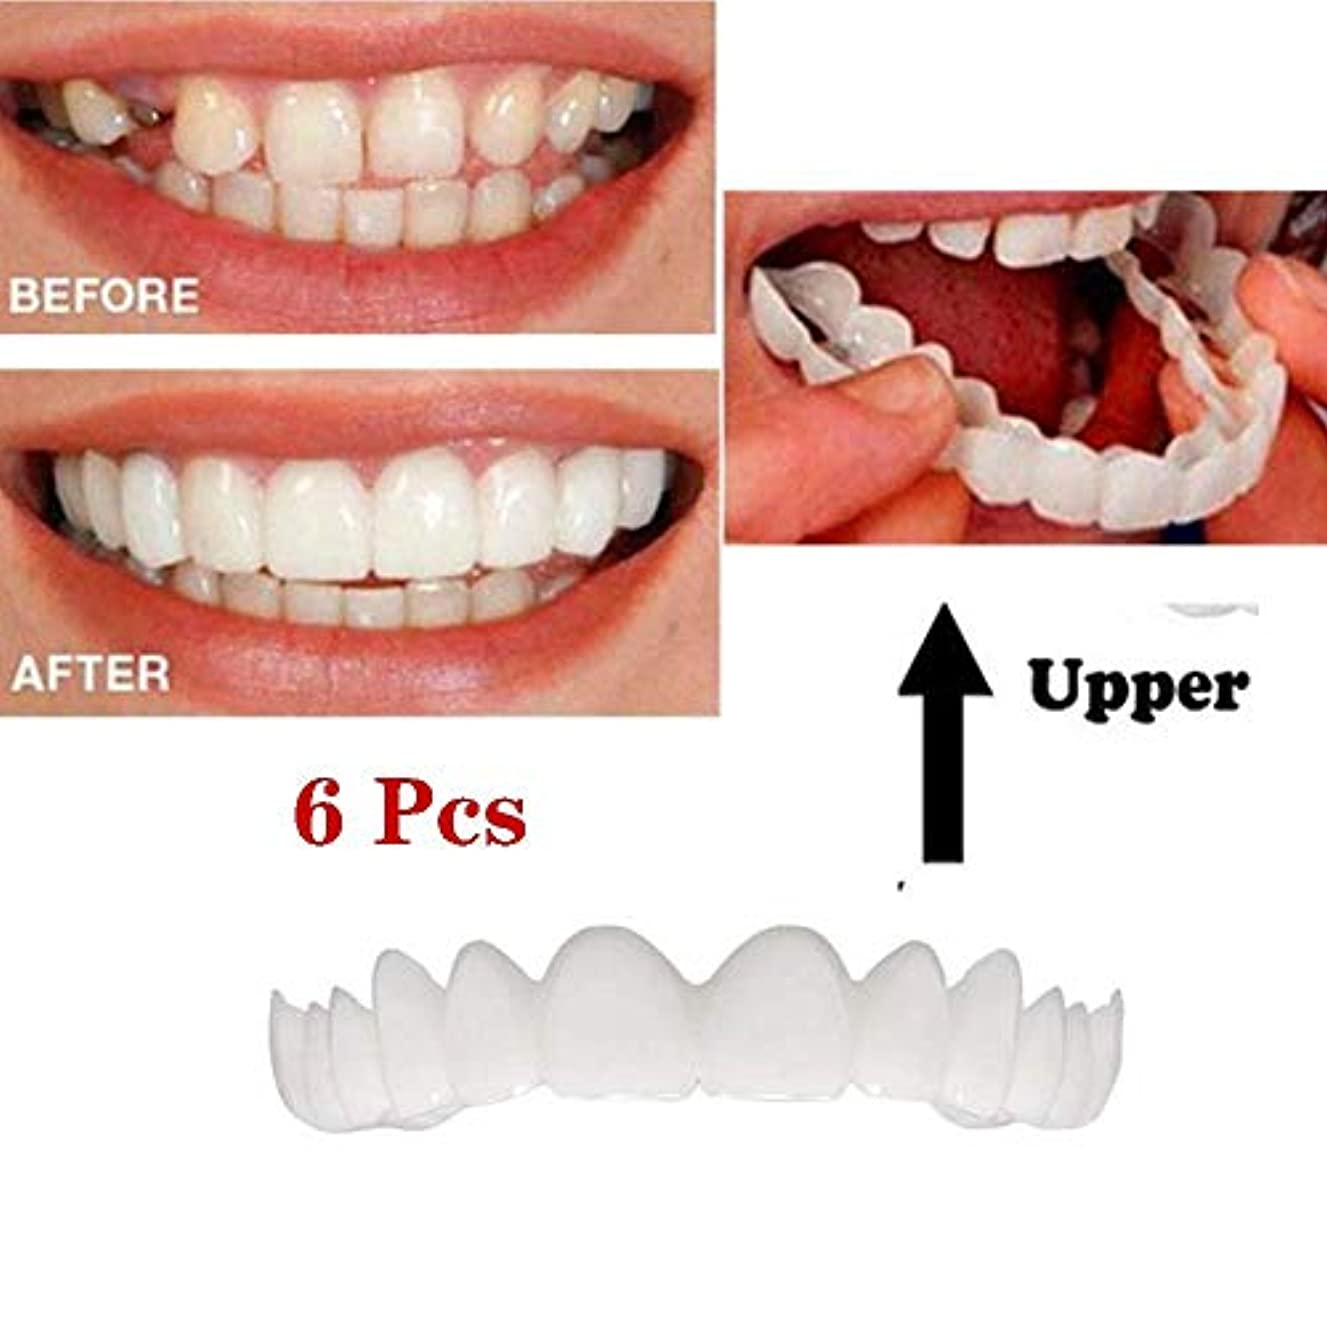 大声でテセウス化合物6個シリコーン偽の歯偽歯カバーホワイトニング義歯オーラルケア歯ホワイトニングデンタルオーラルケアアッパーブレース仮化粧品歯義歯